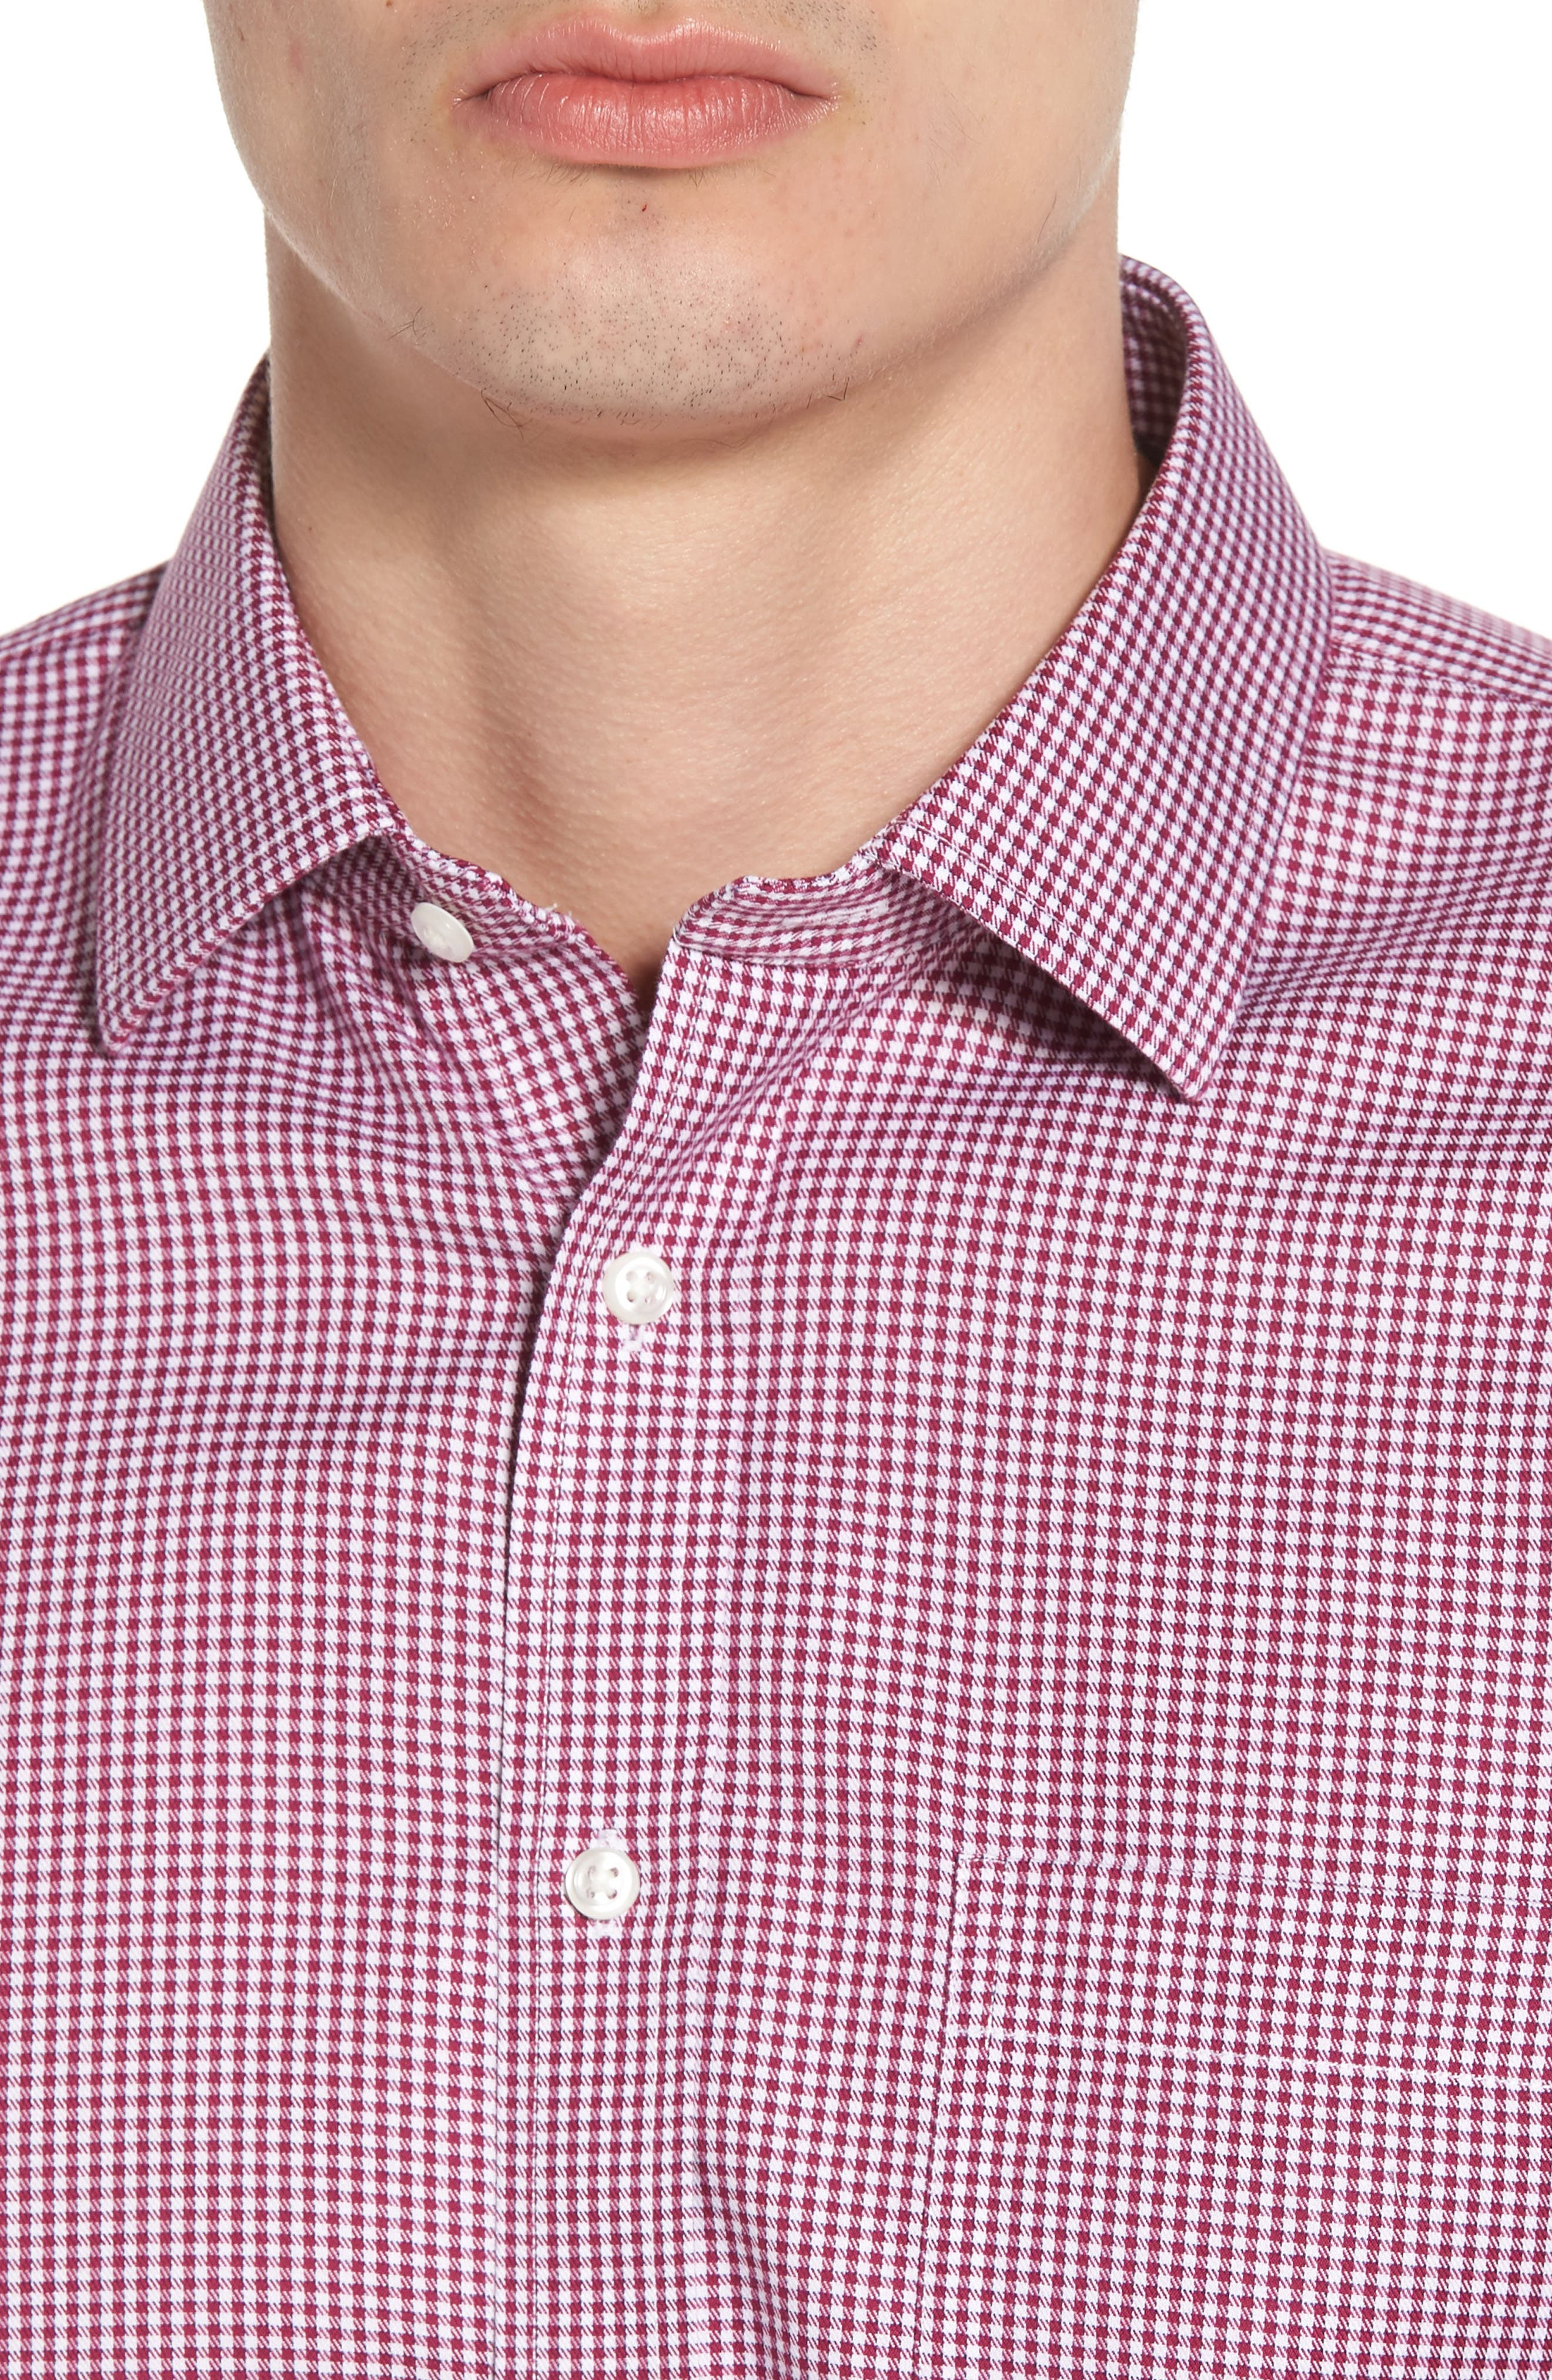 Smartcare<sup>™</sup> Trim Fit Mini Check Dress Shirt,                             Alternate thumbnail 2, color,                             510